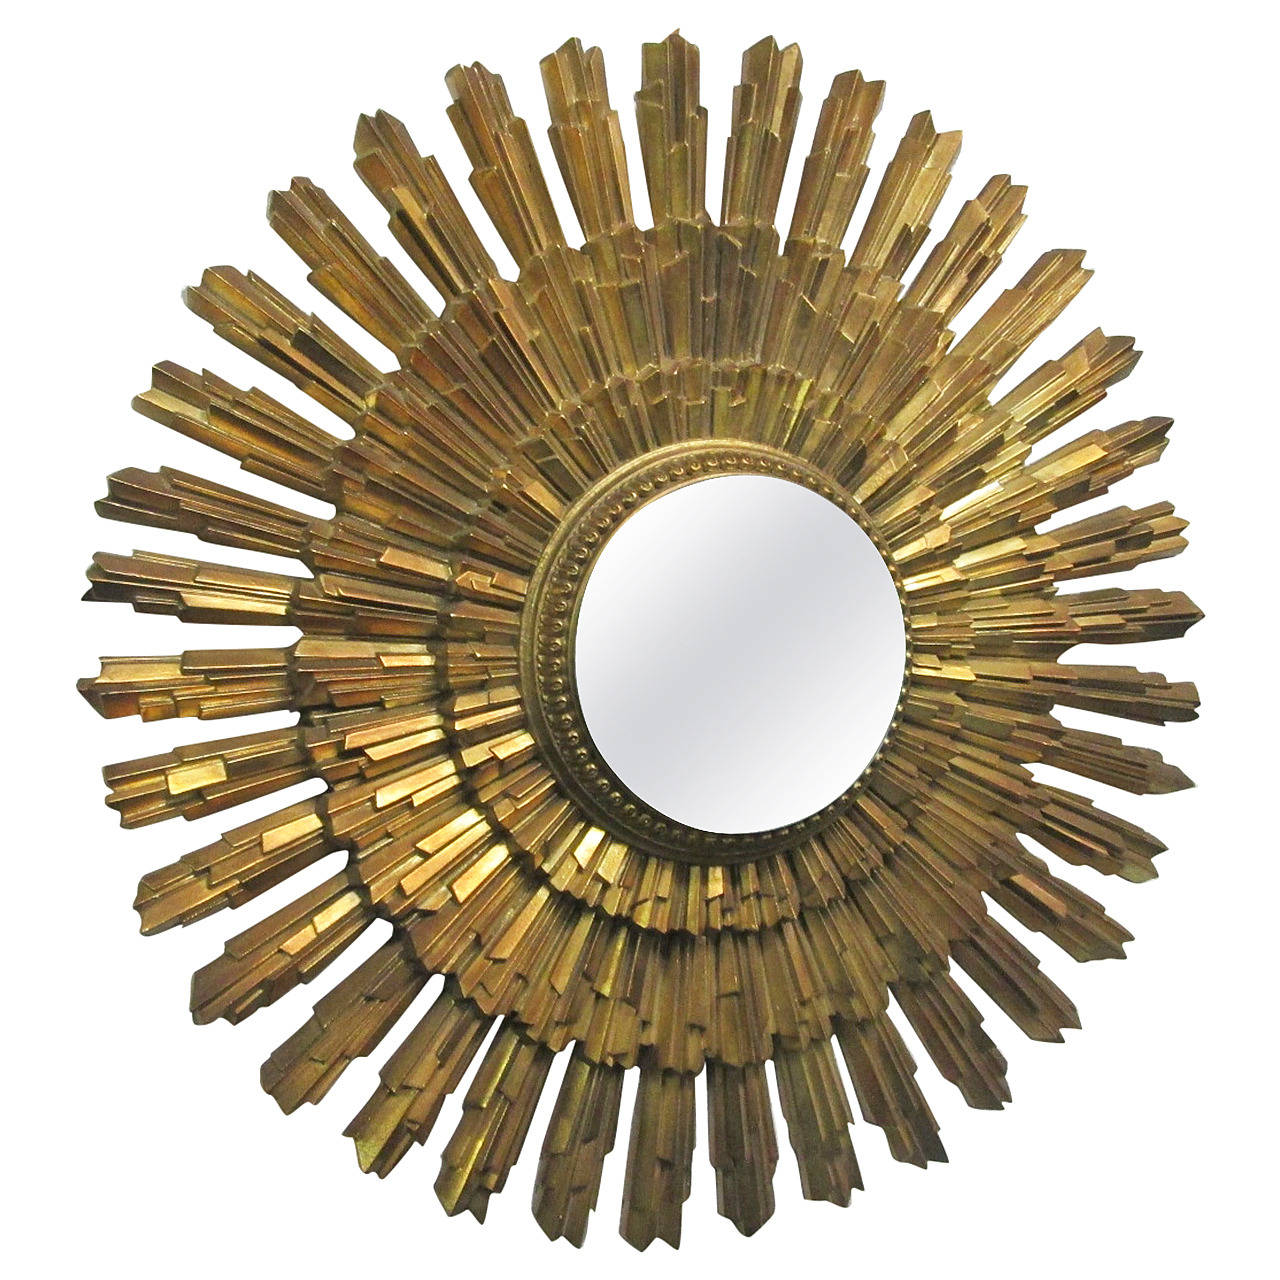 Gold sunburst mirror for sale at 1stdibs for Sunburst mirror